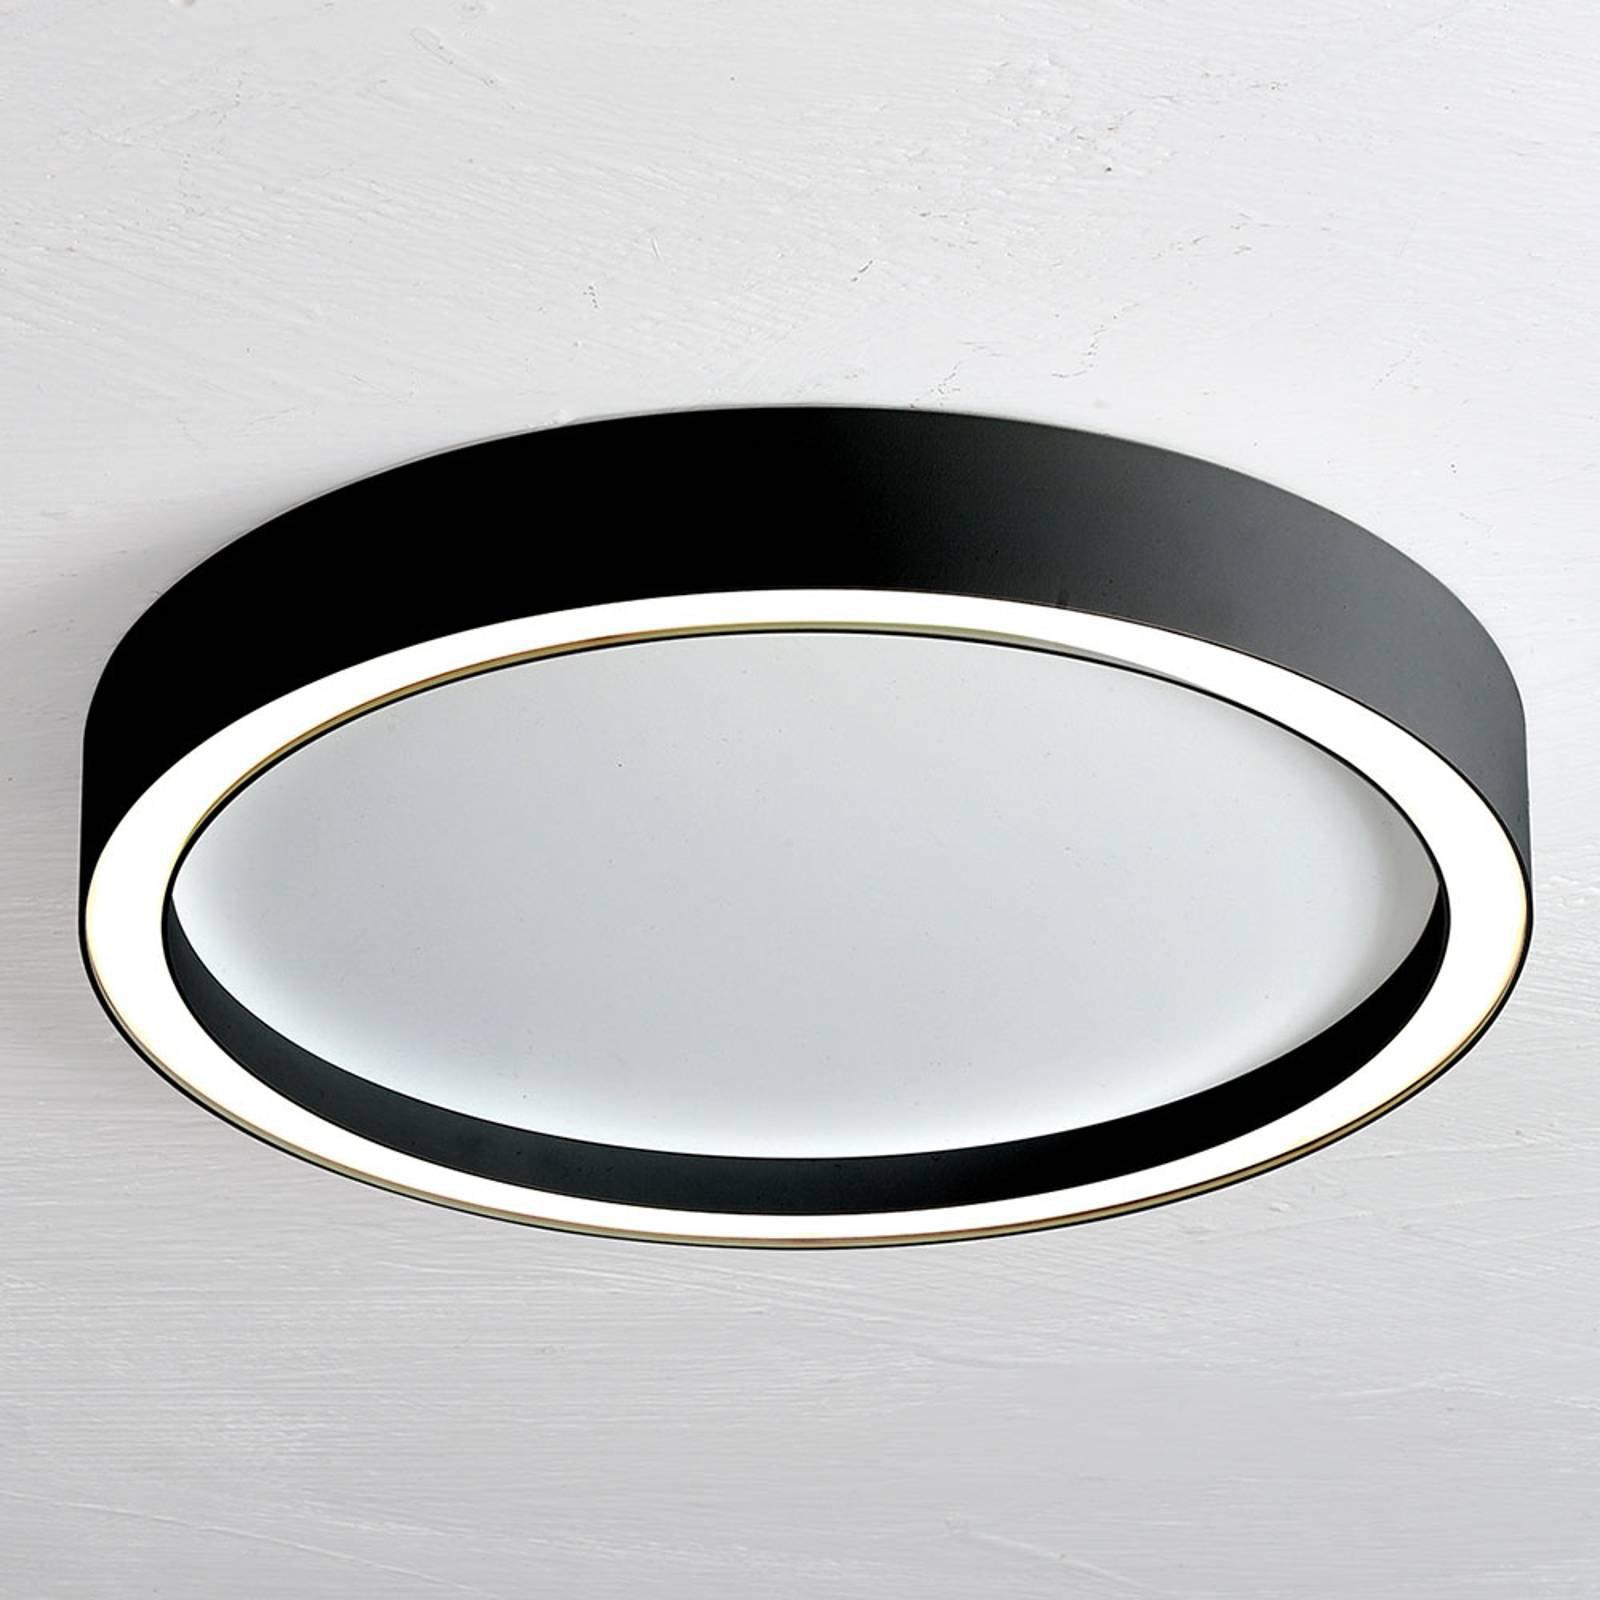 Bopp Aura LED-taklampe med Ø 55cm hvit/svart